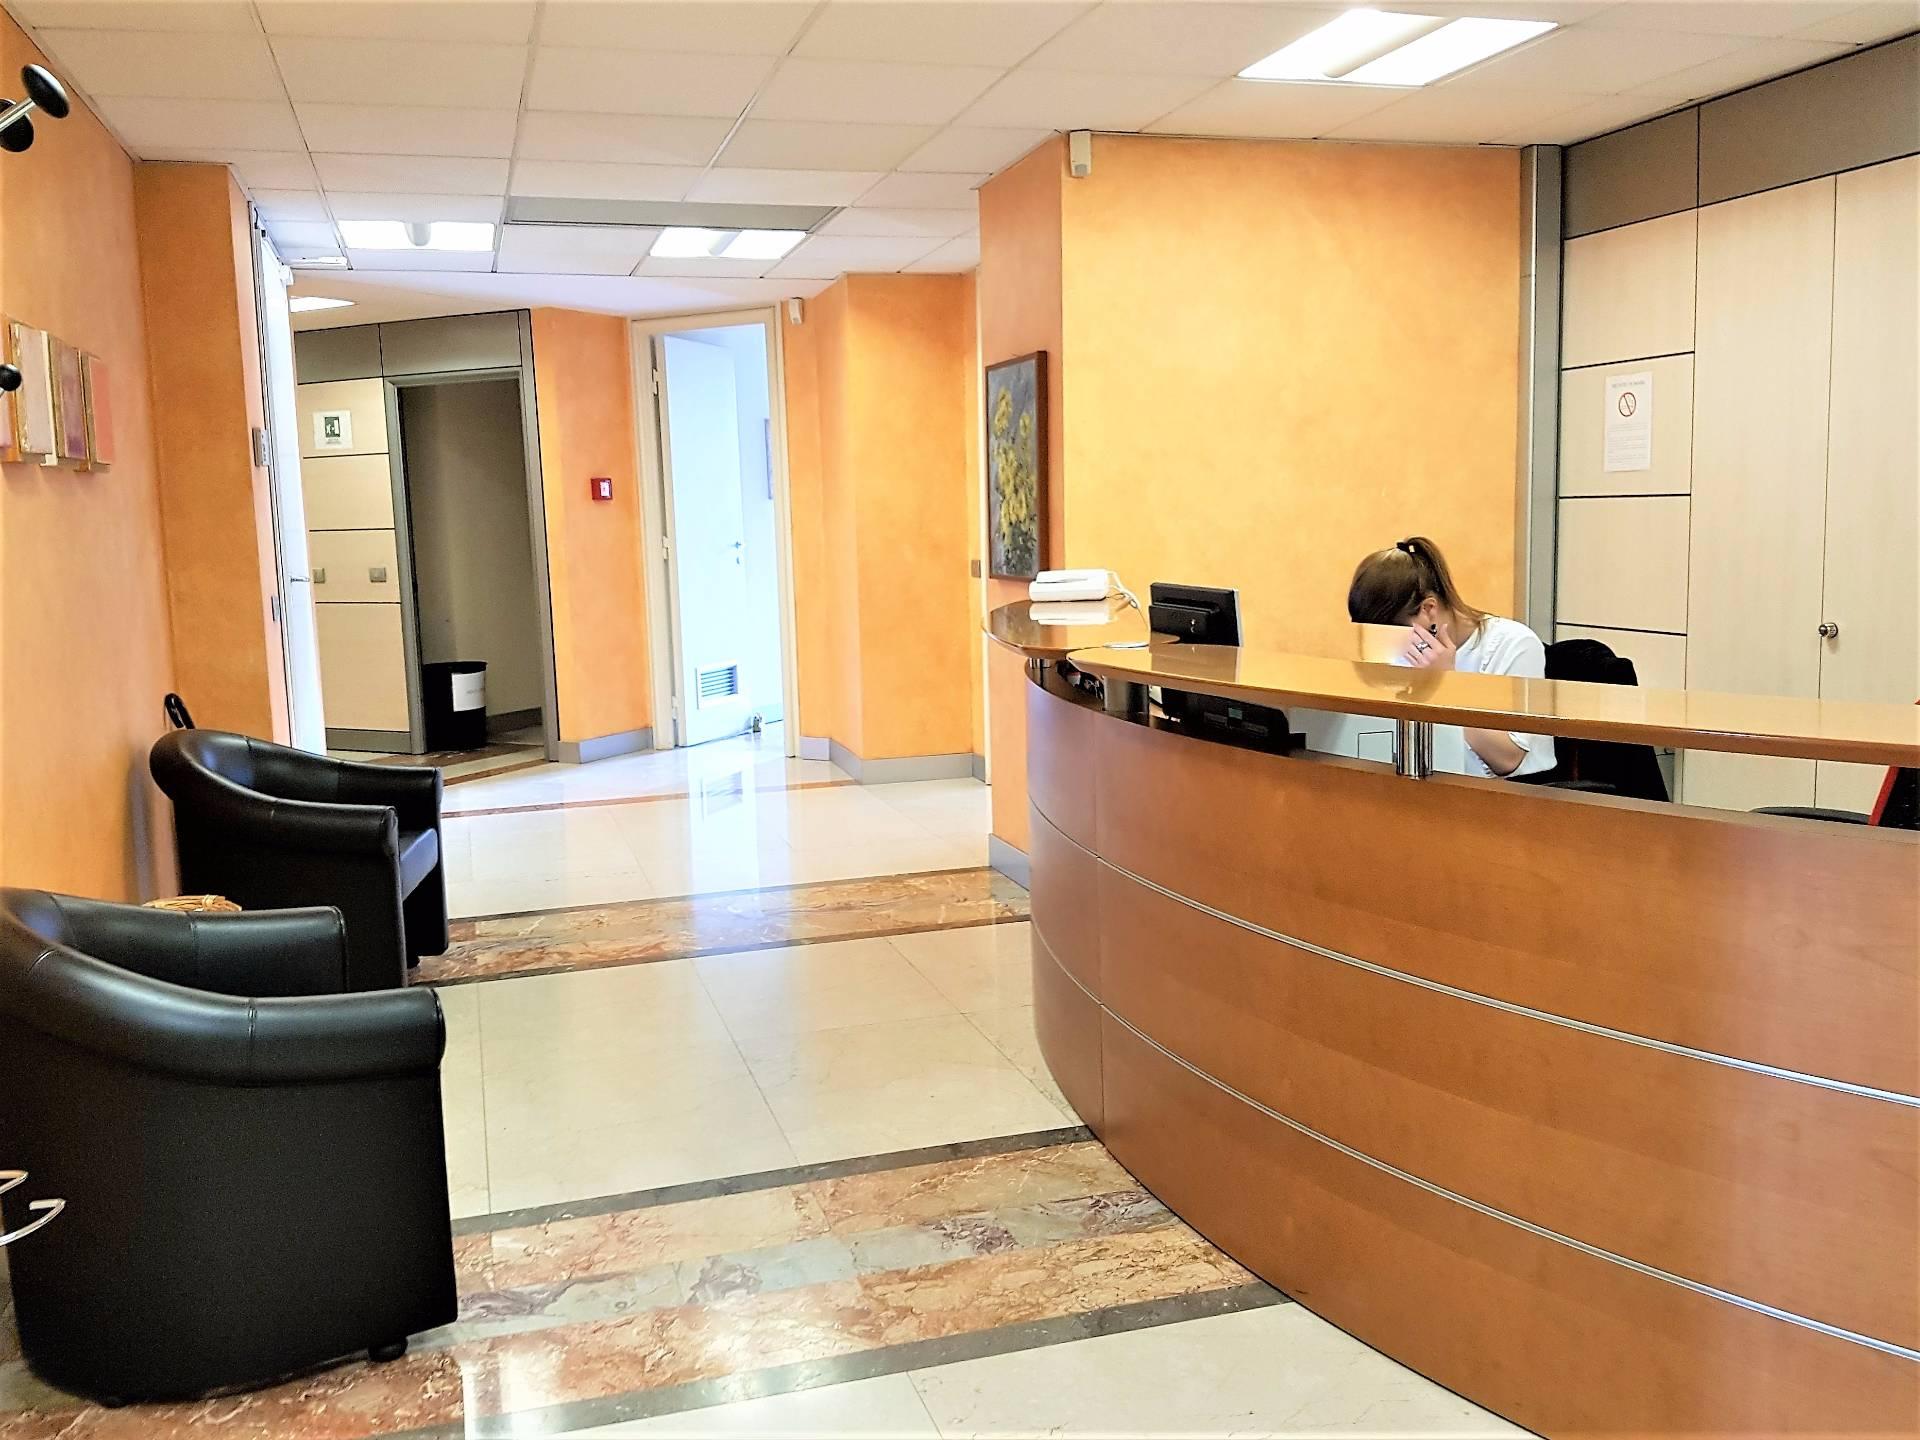 Stanza Ufficio Affitto Milano : Ufficio in affitto a milano cod. piazza diaz via gonzaga